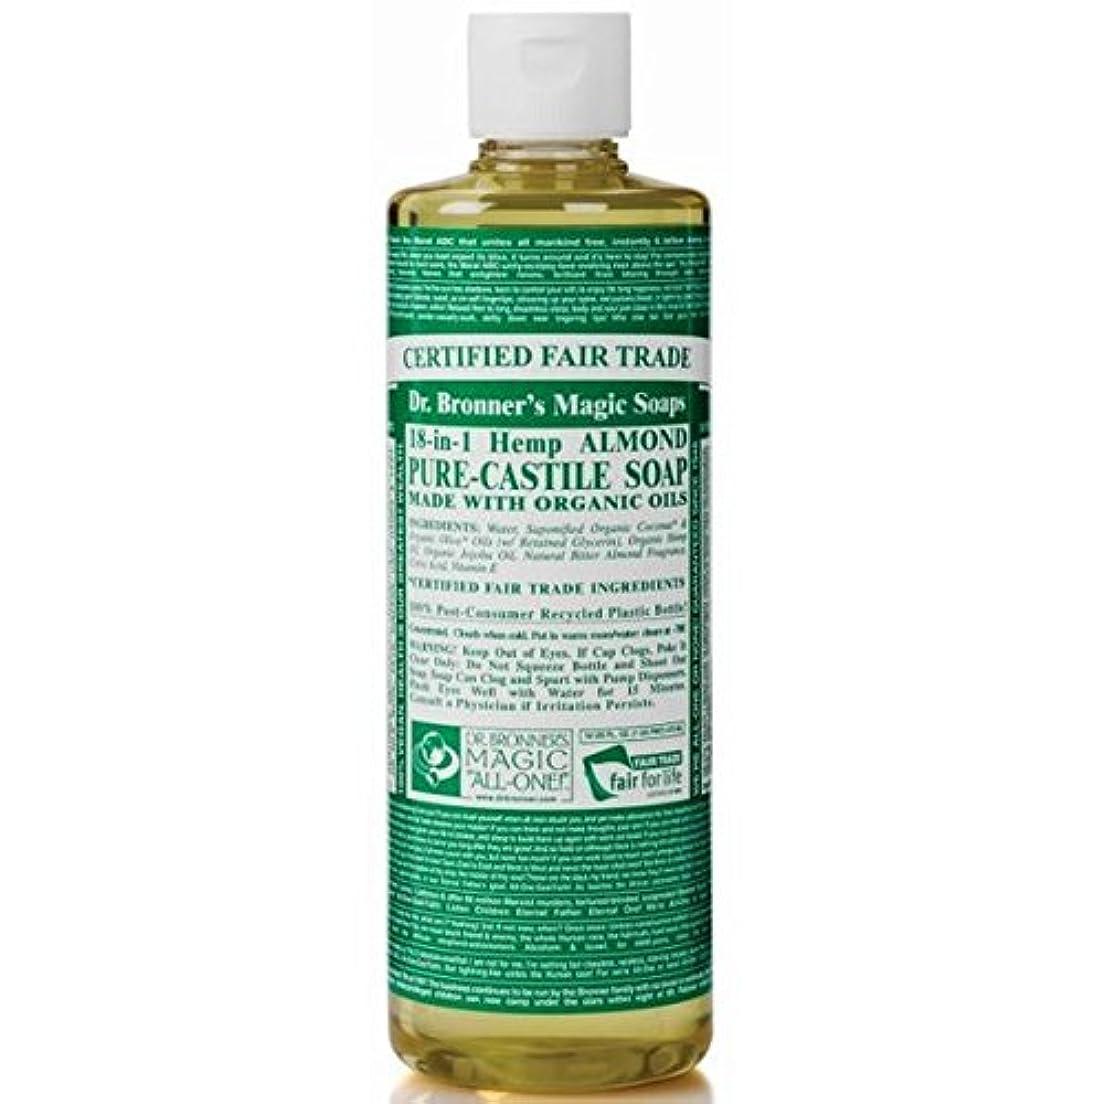 高度ないとこ深めるのブロナー有機アーモンドカスティーリャ液体石鹸237ミリリットル x2 - Dr Bronner Organic Almond Castile Liquid Soap 237ml (Pack of 2) [並行輸入品]